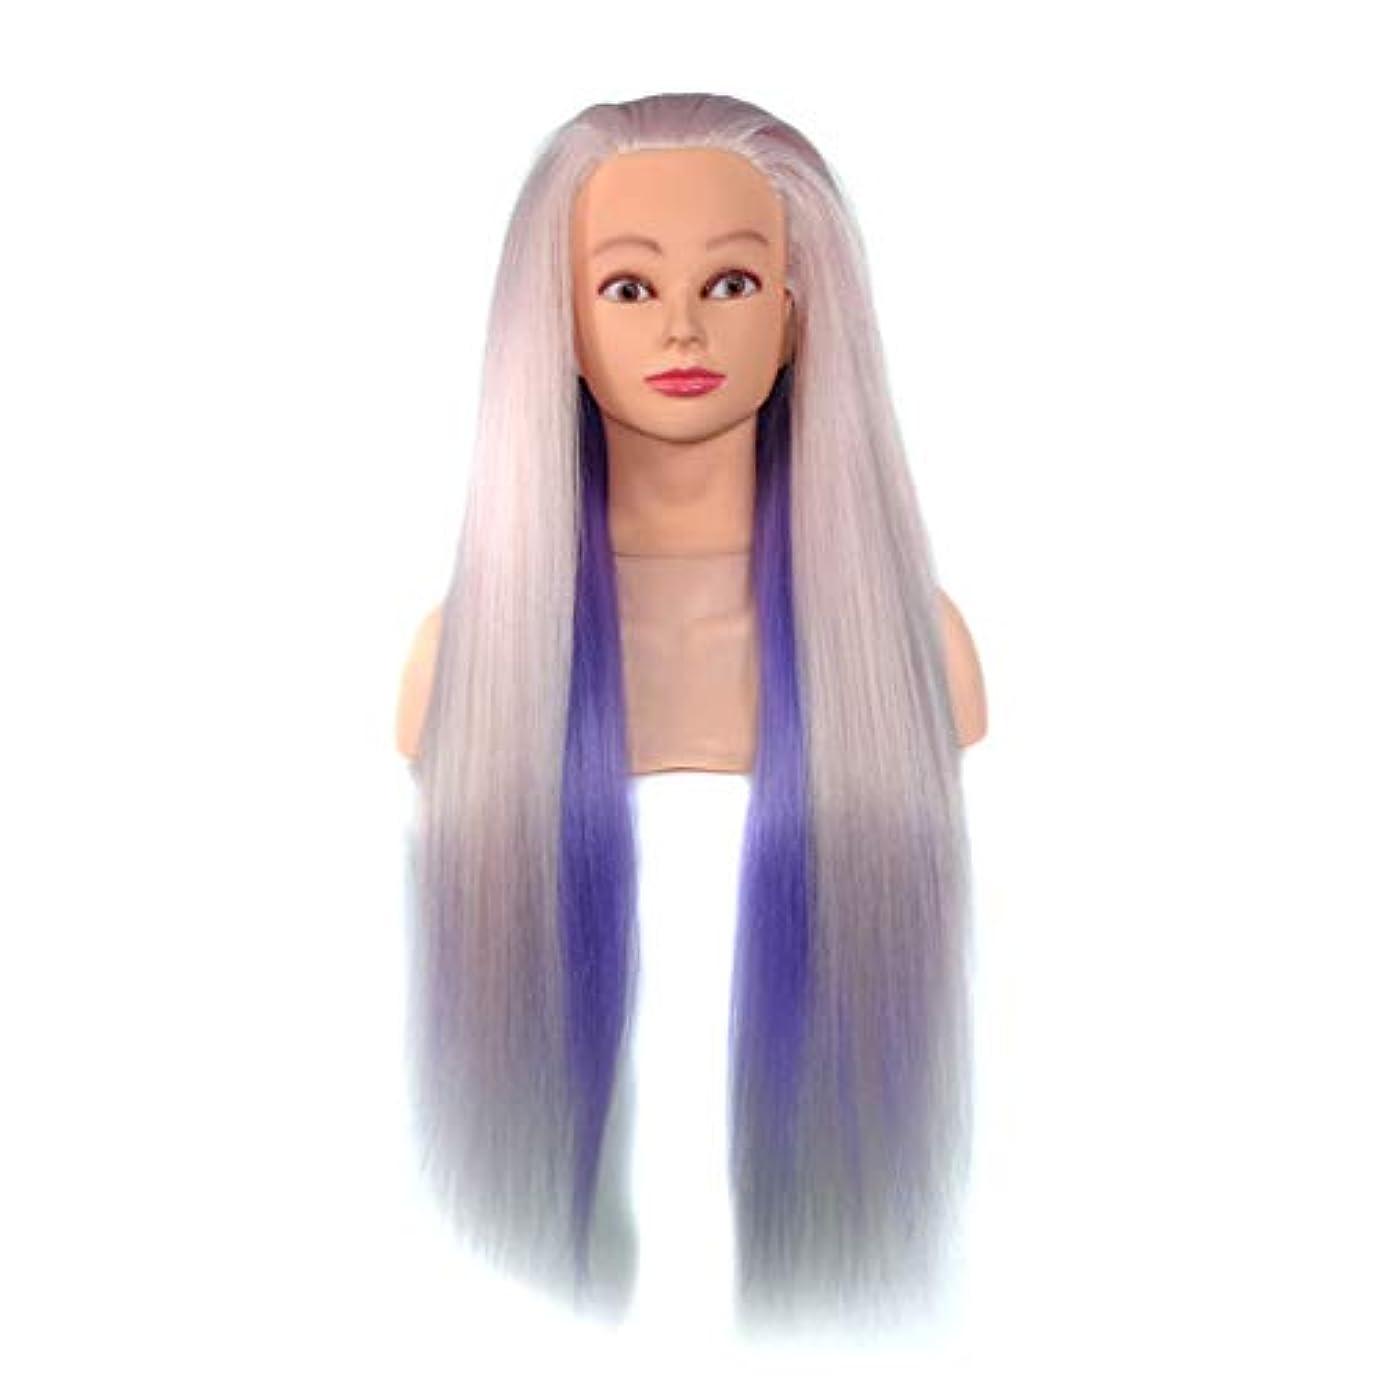 壁形式不快高温シルク花嫁編組エクササイズヘッドサロン教育グラデーショントレーニングヘッド理髪学習ヘッドモデル